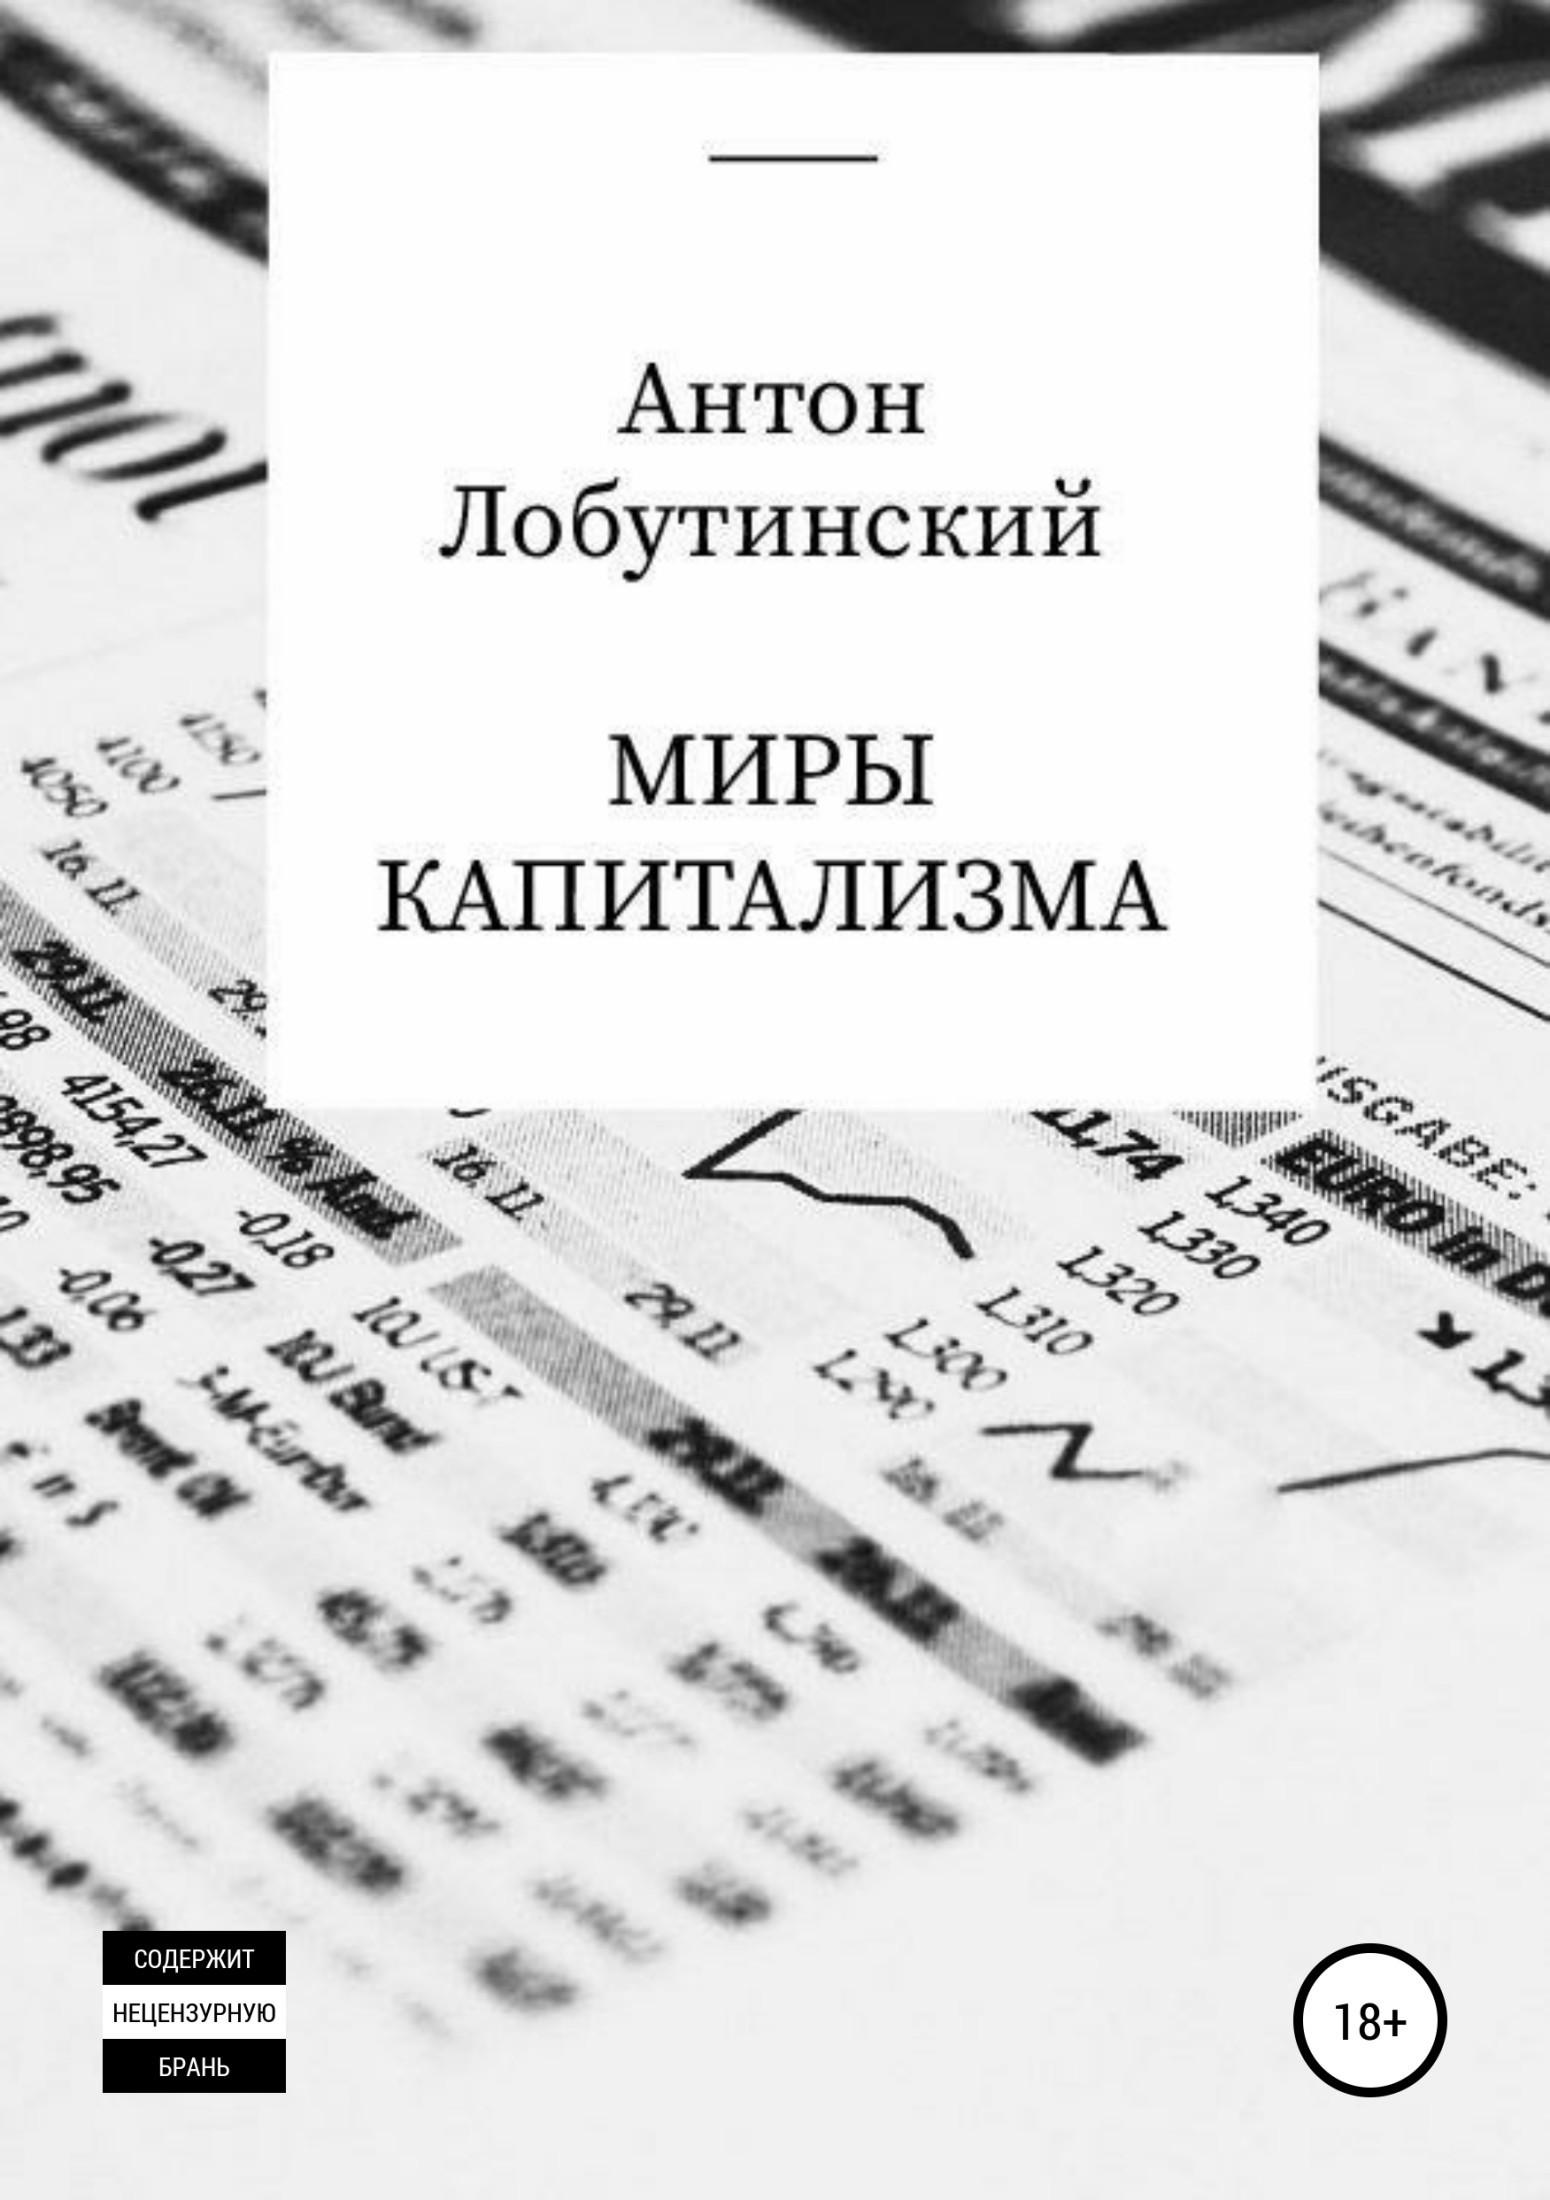 Обложка книги. Автор - Антон Лобутинский